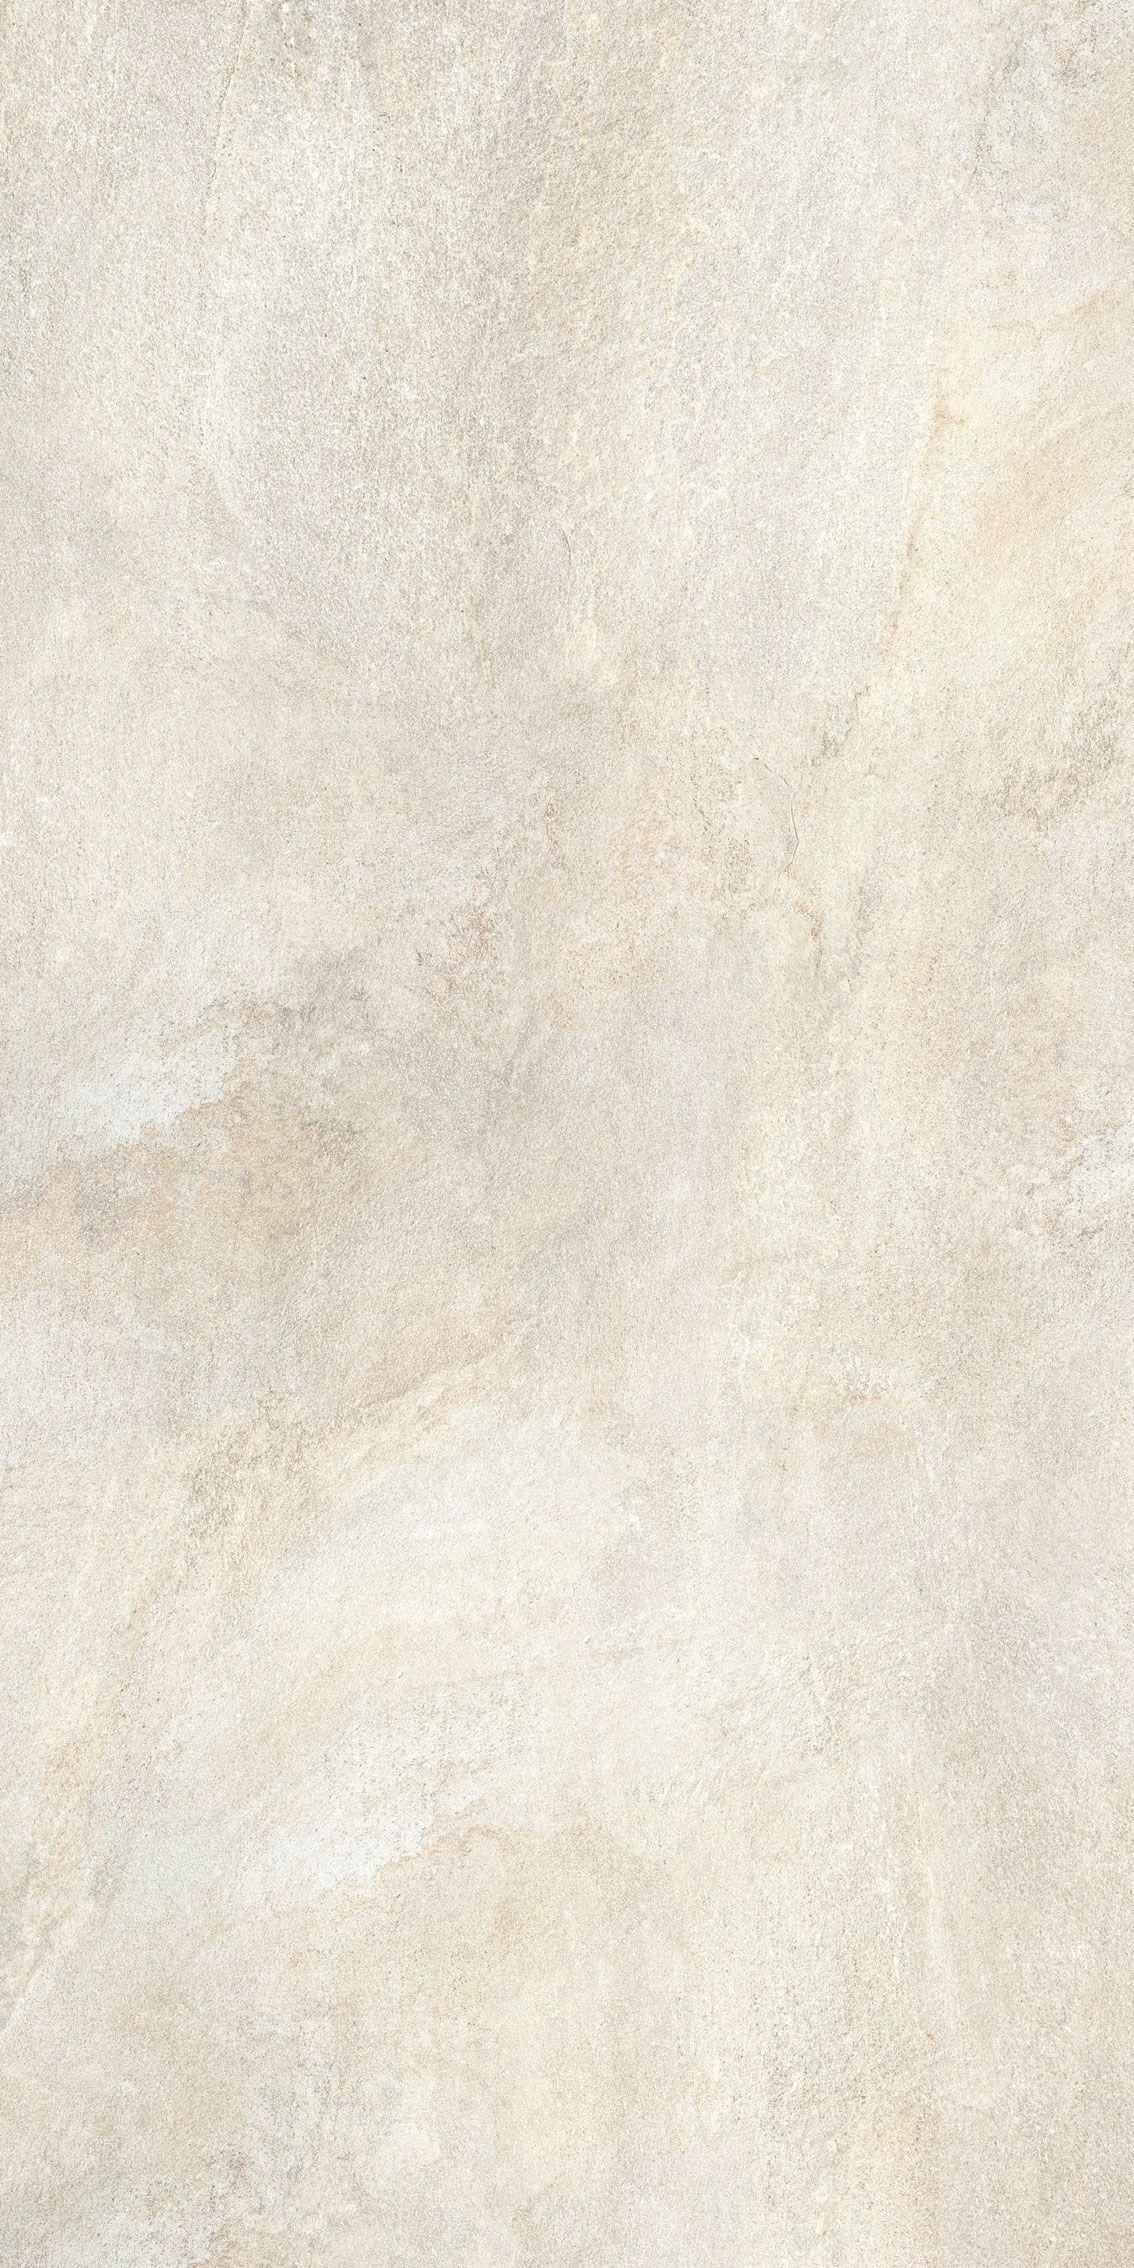 Texture Marbre Min 233 Ral Blanc Texture Pinterest